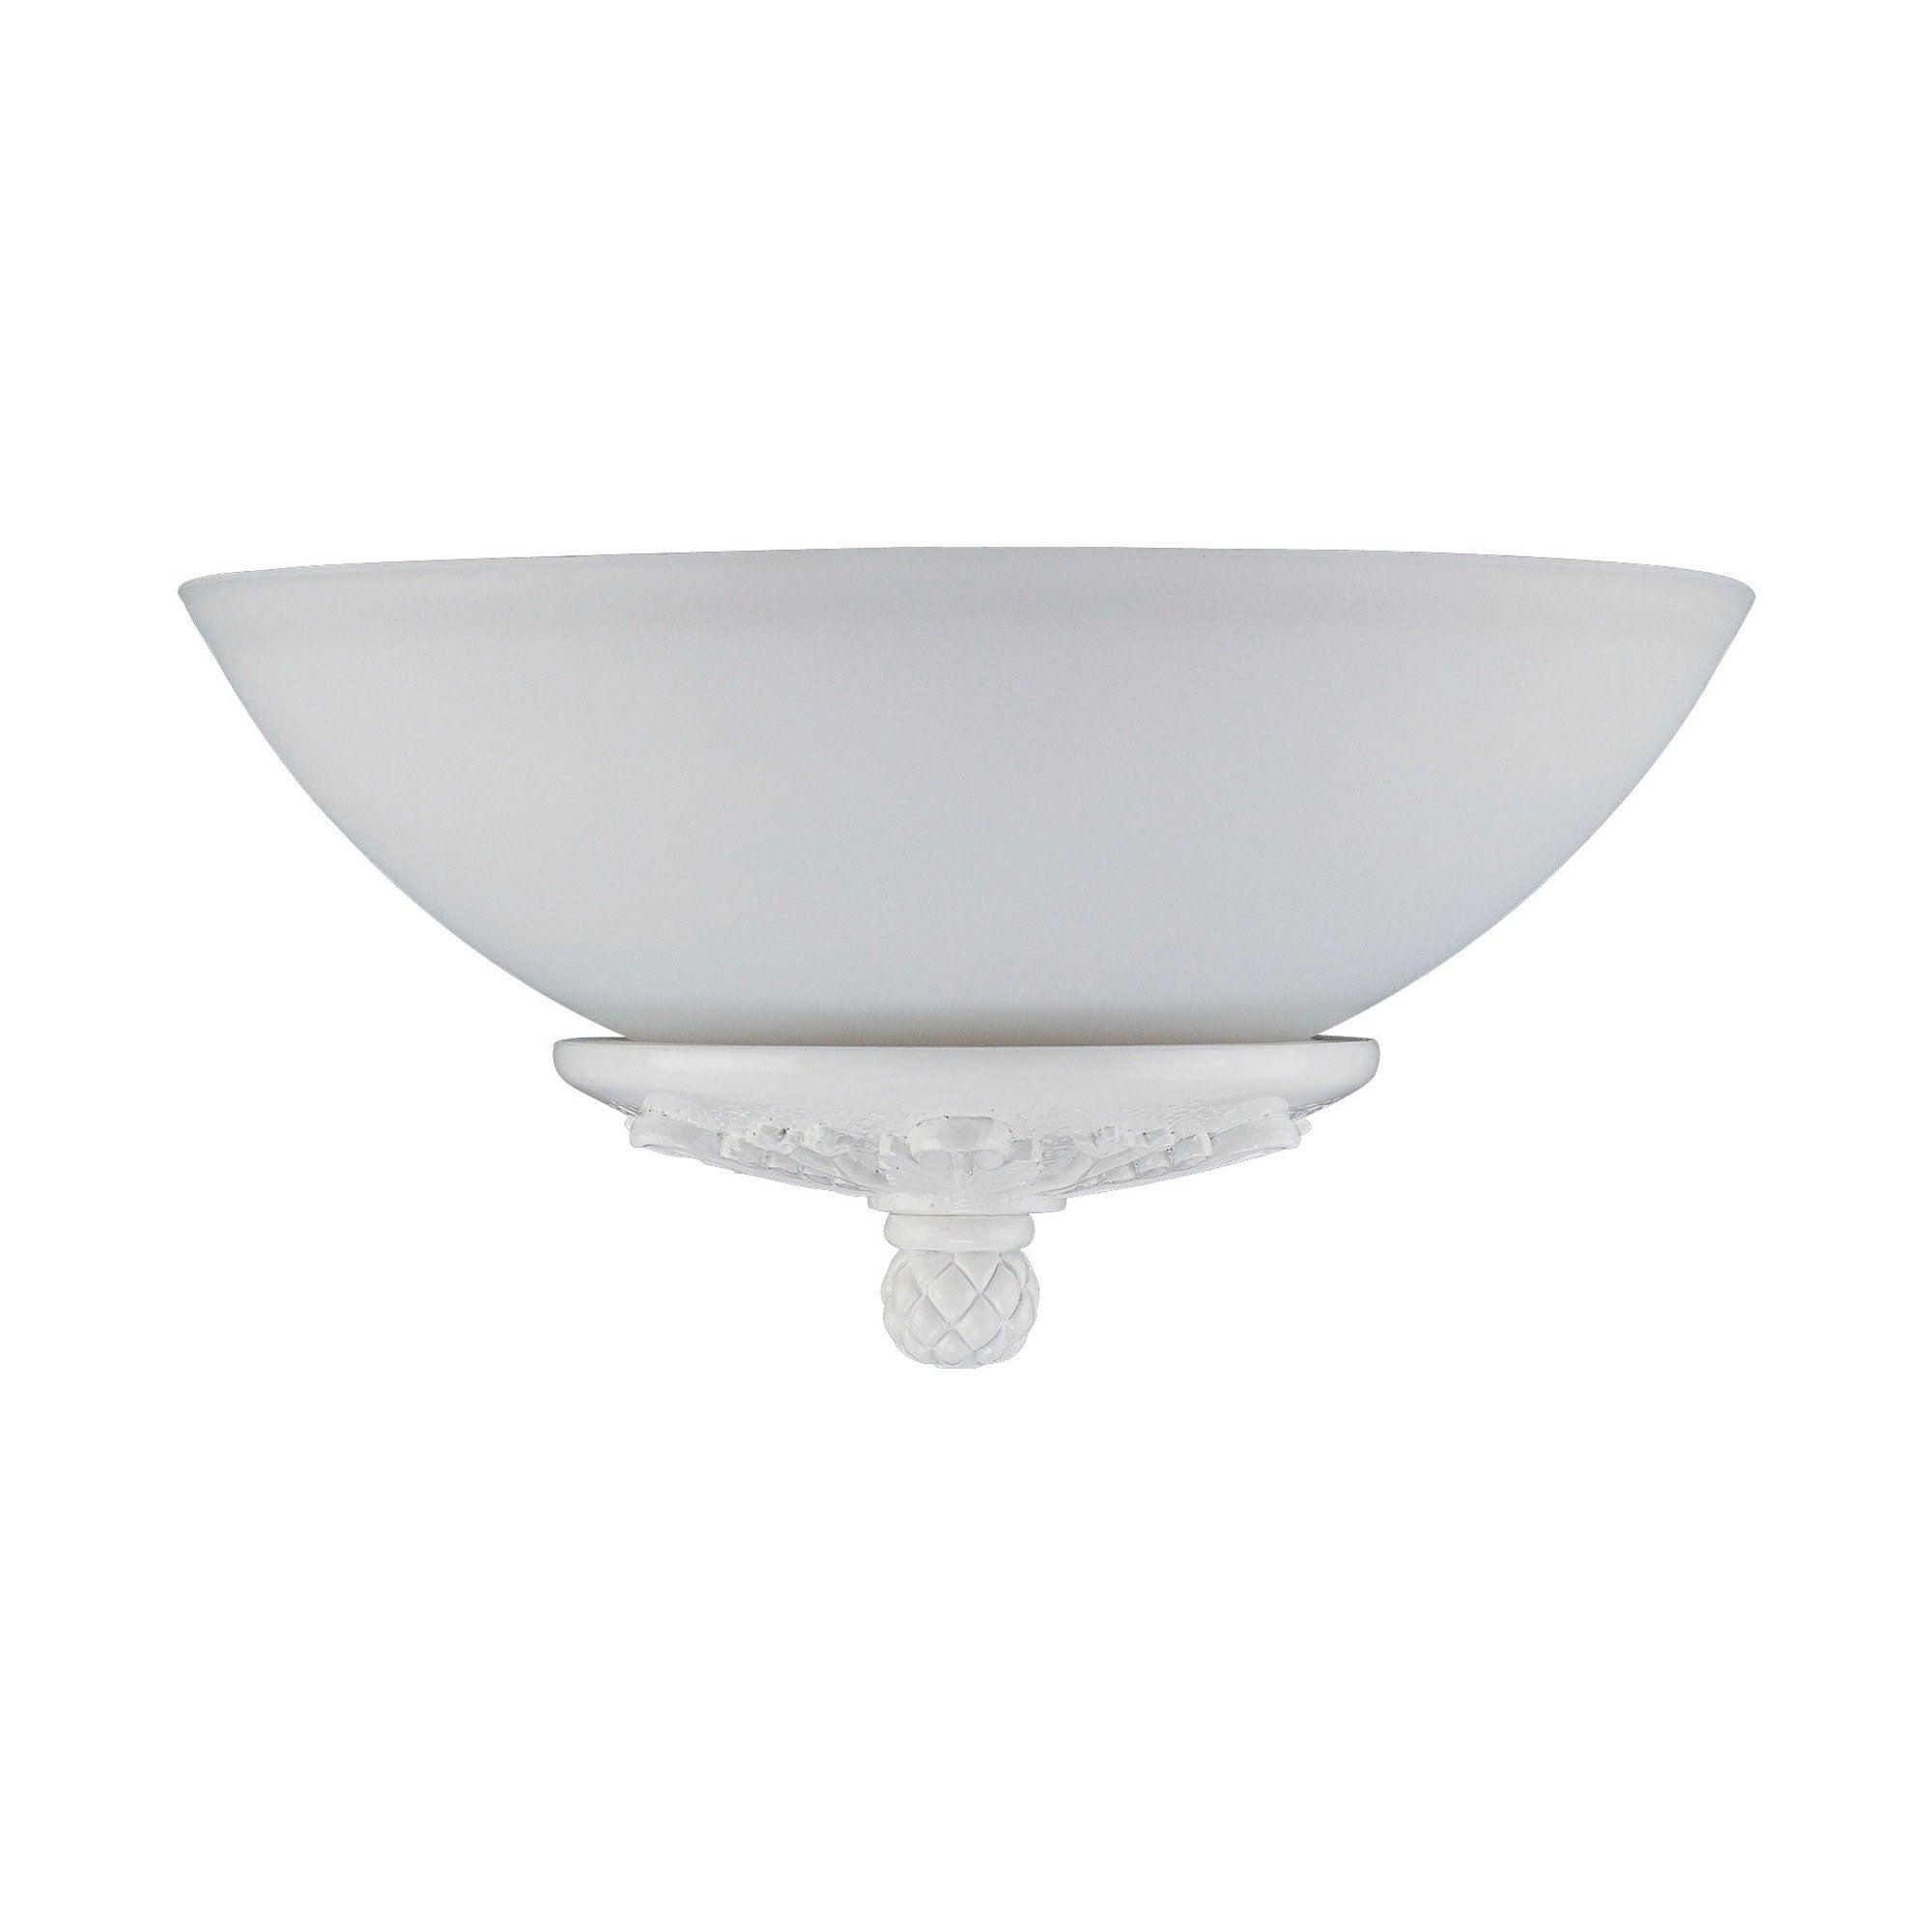 Three Light White Ceiling Fan Light Kit